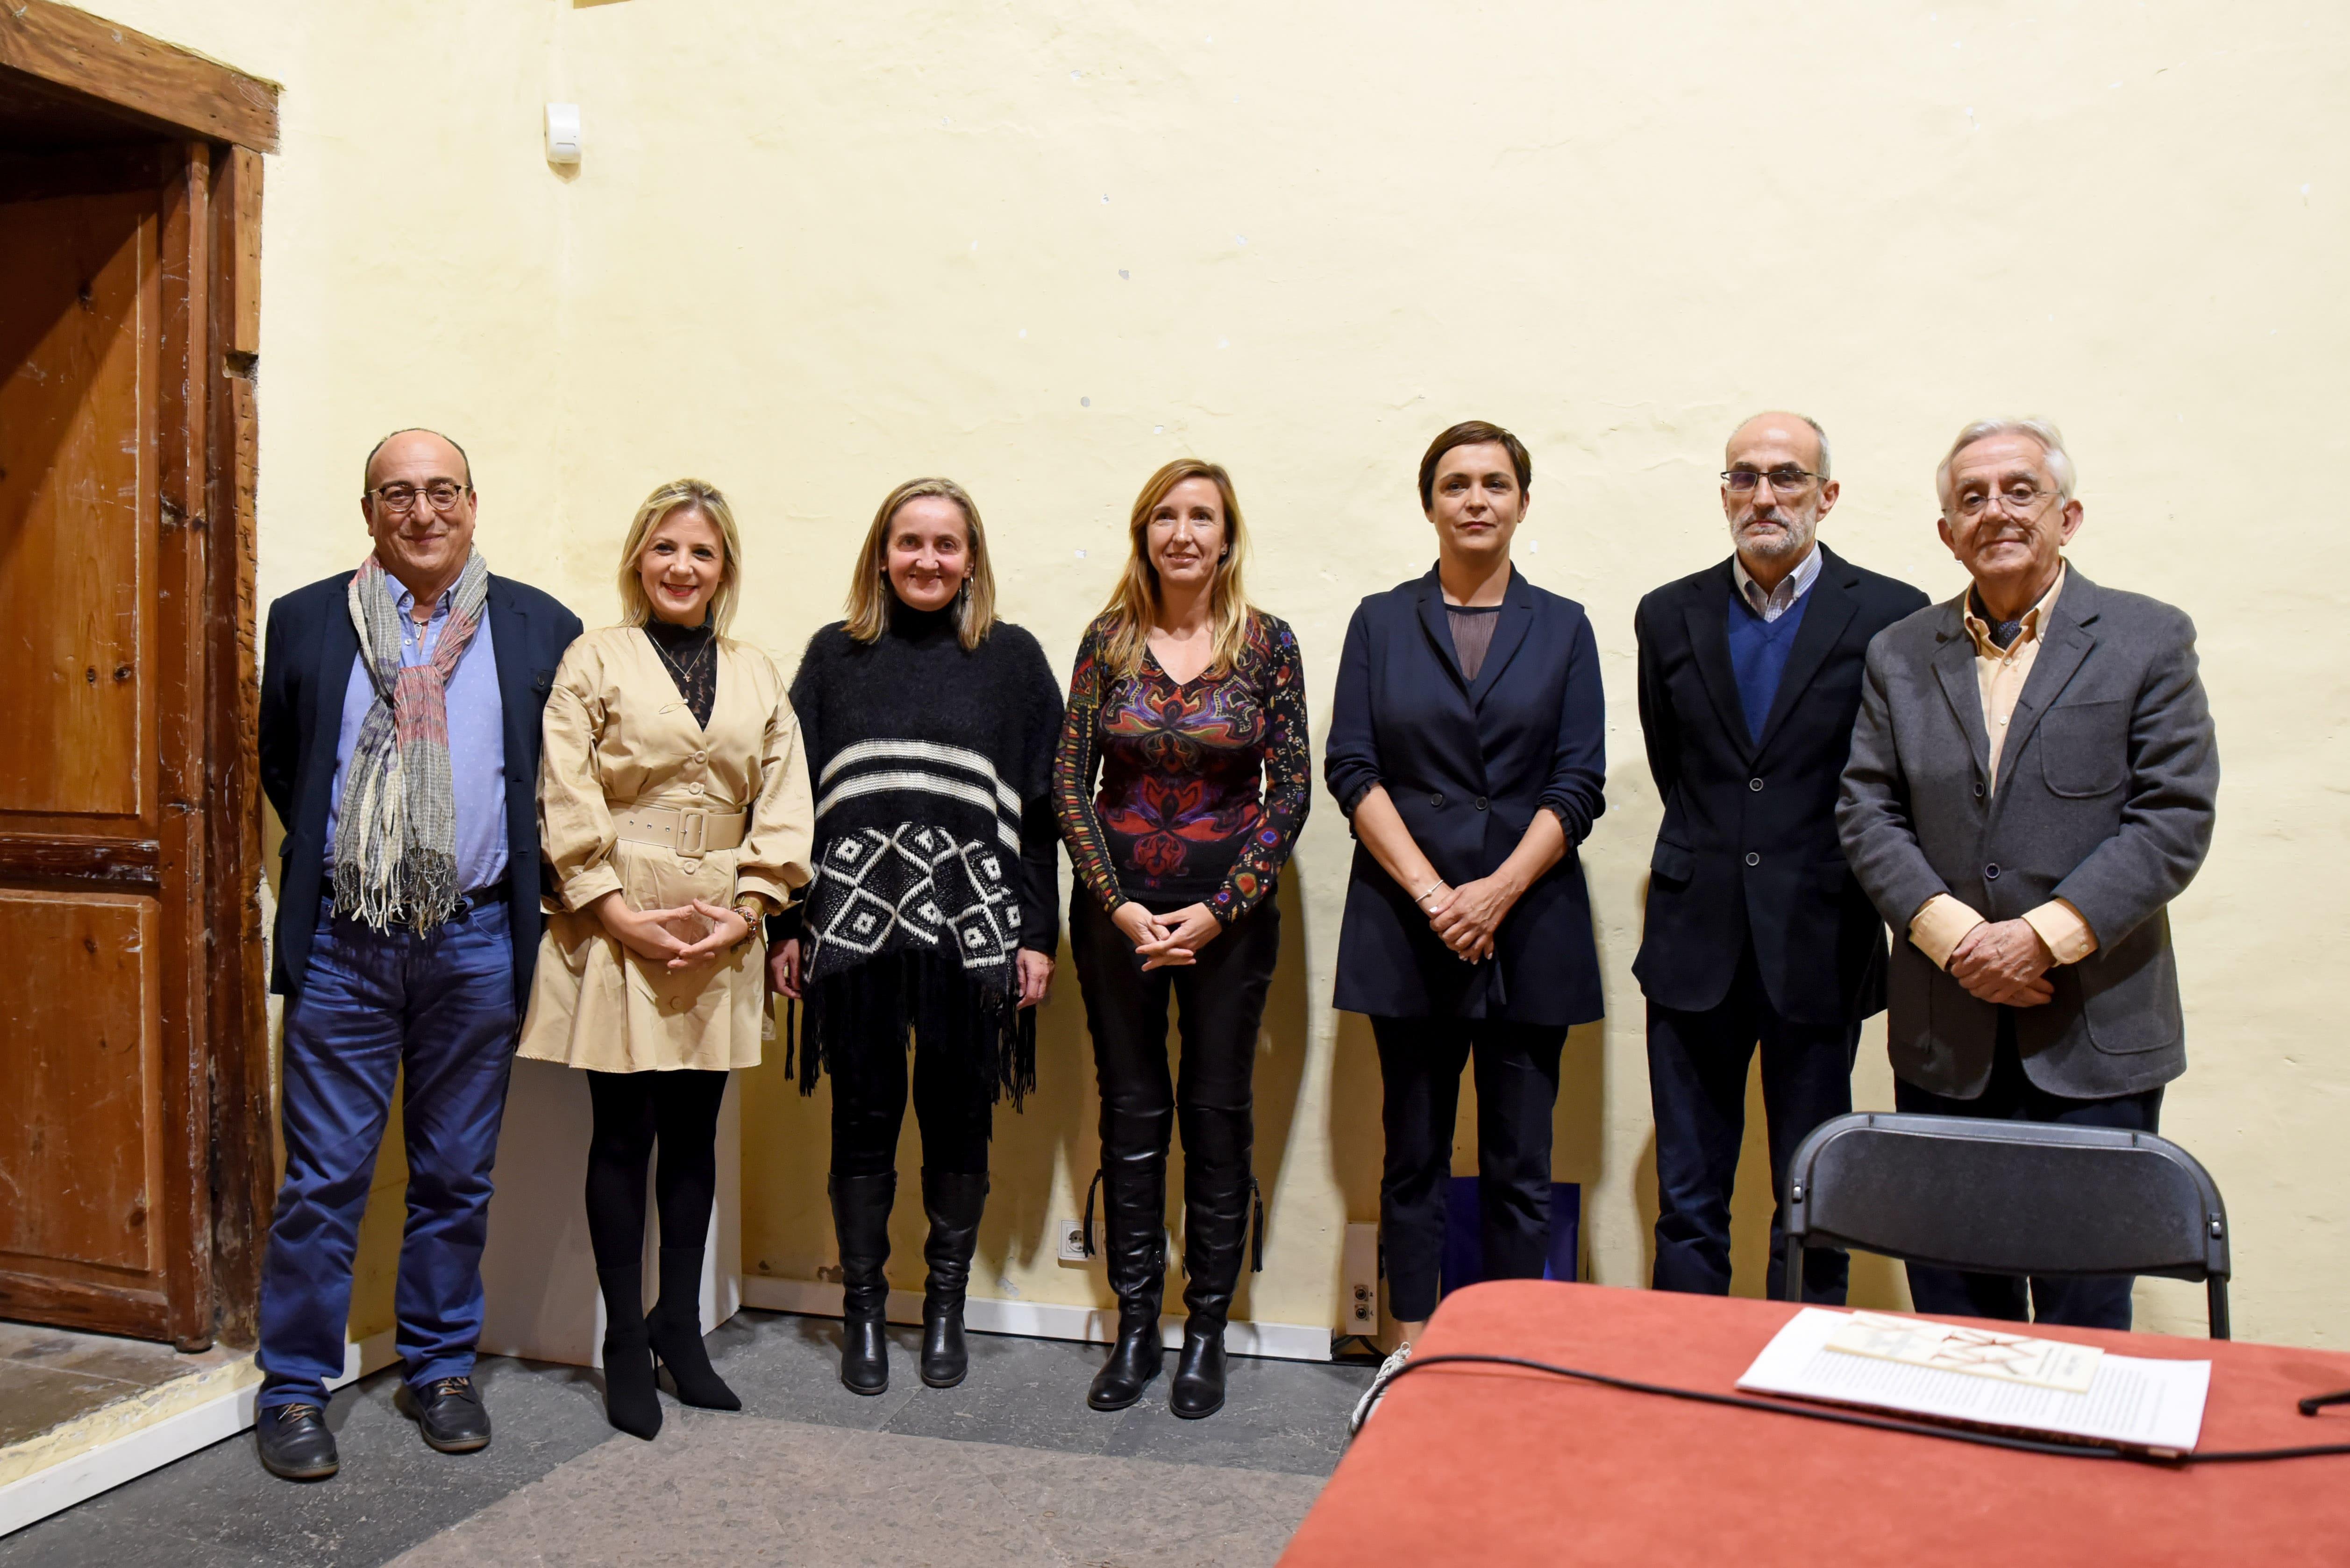 El Festival Internacional del Cuento distingue al ciclo de Educación Infantil del IES Alcalá